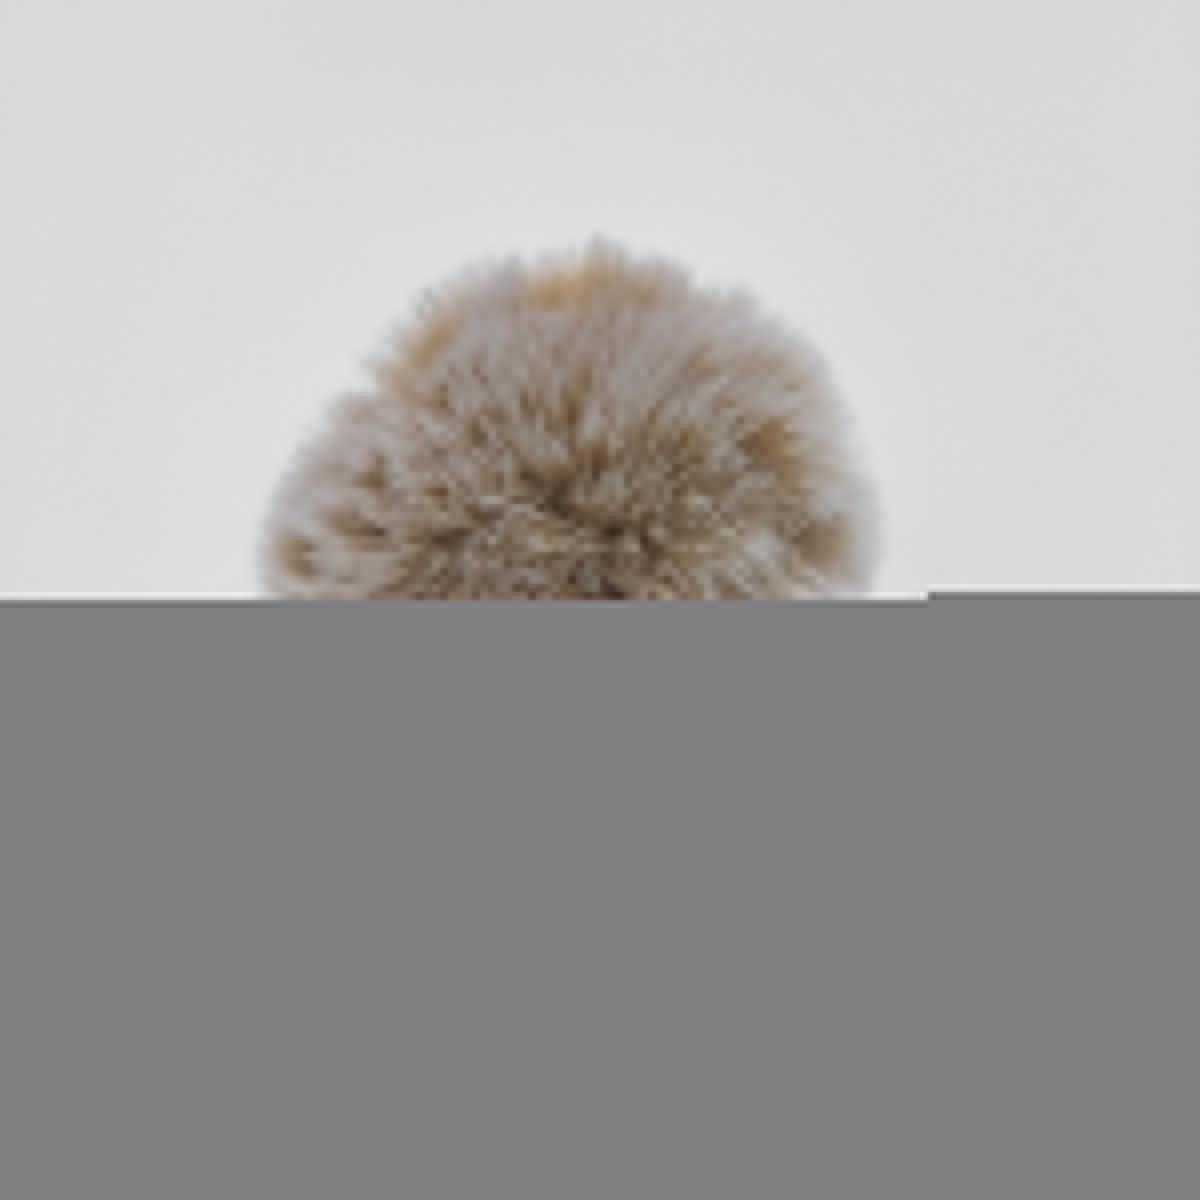 Fofo Chaveiro Bola De Pele De Guaxinim Verdadeira Pele De Raposa Keychain Pele Pompom Pompom Chaveiro Llaveros Chaveiro Saco Pendente do Encanto Das Mulheres